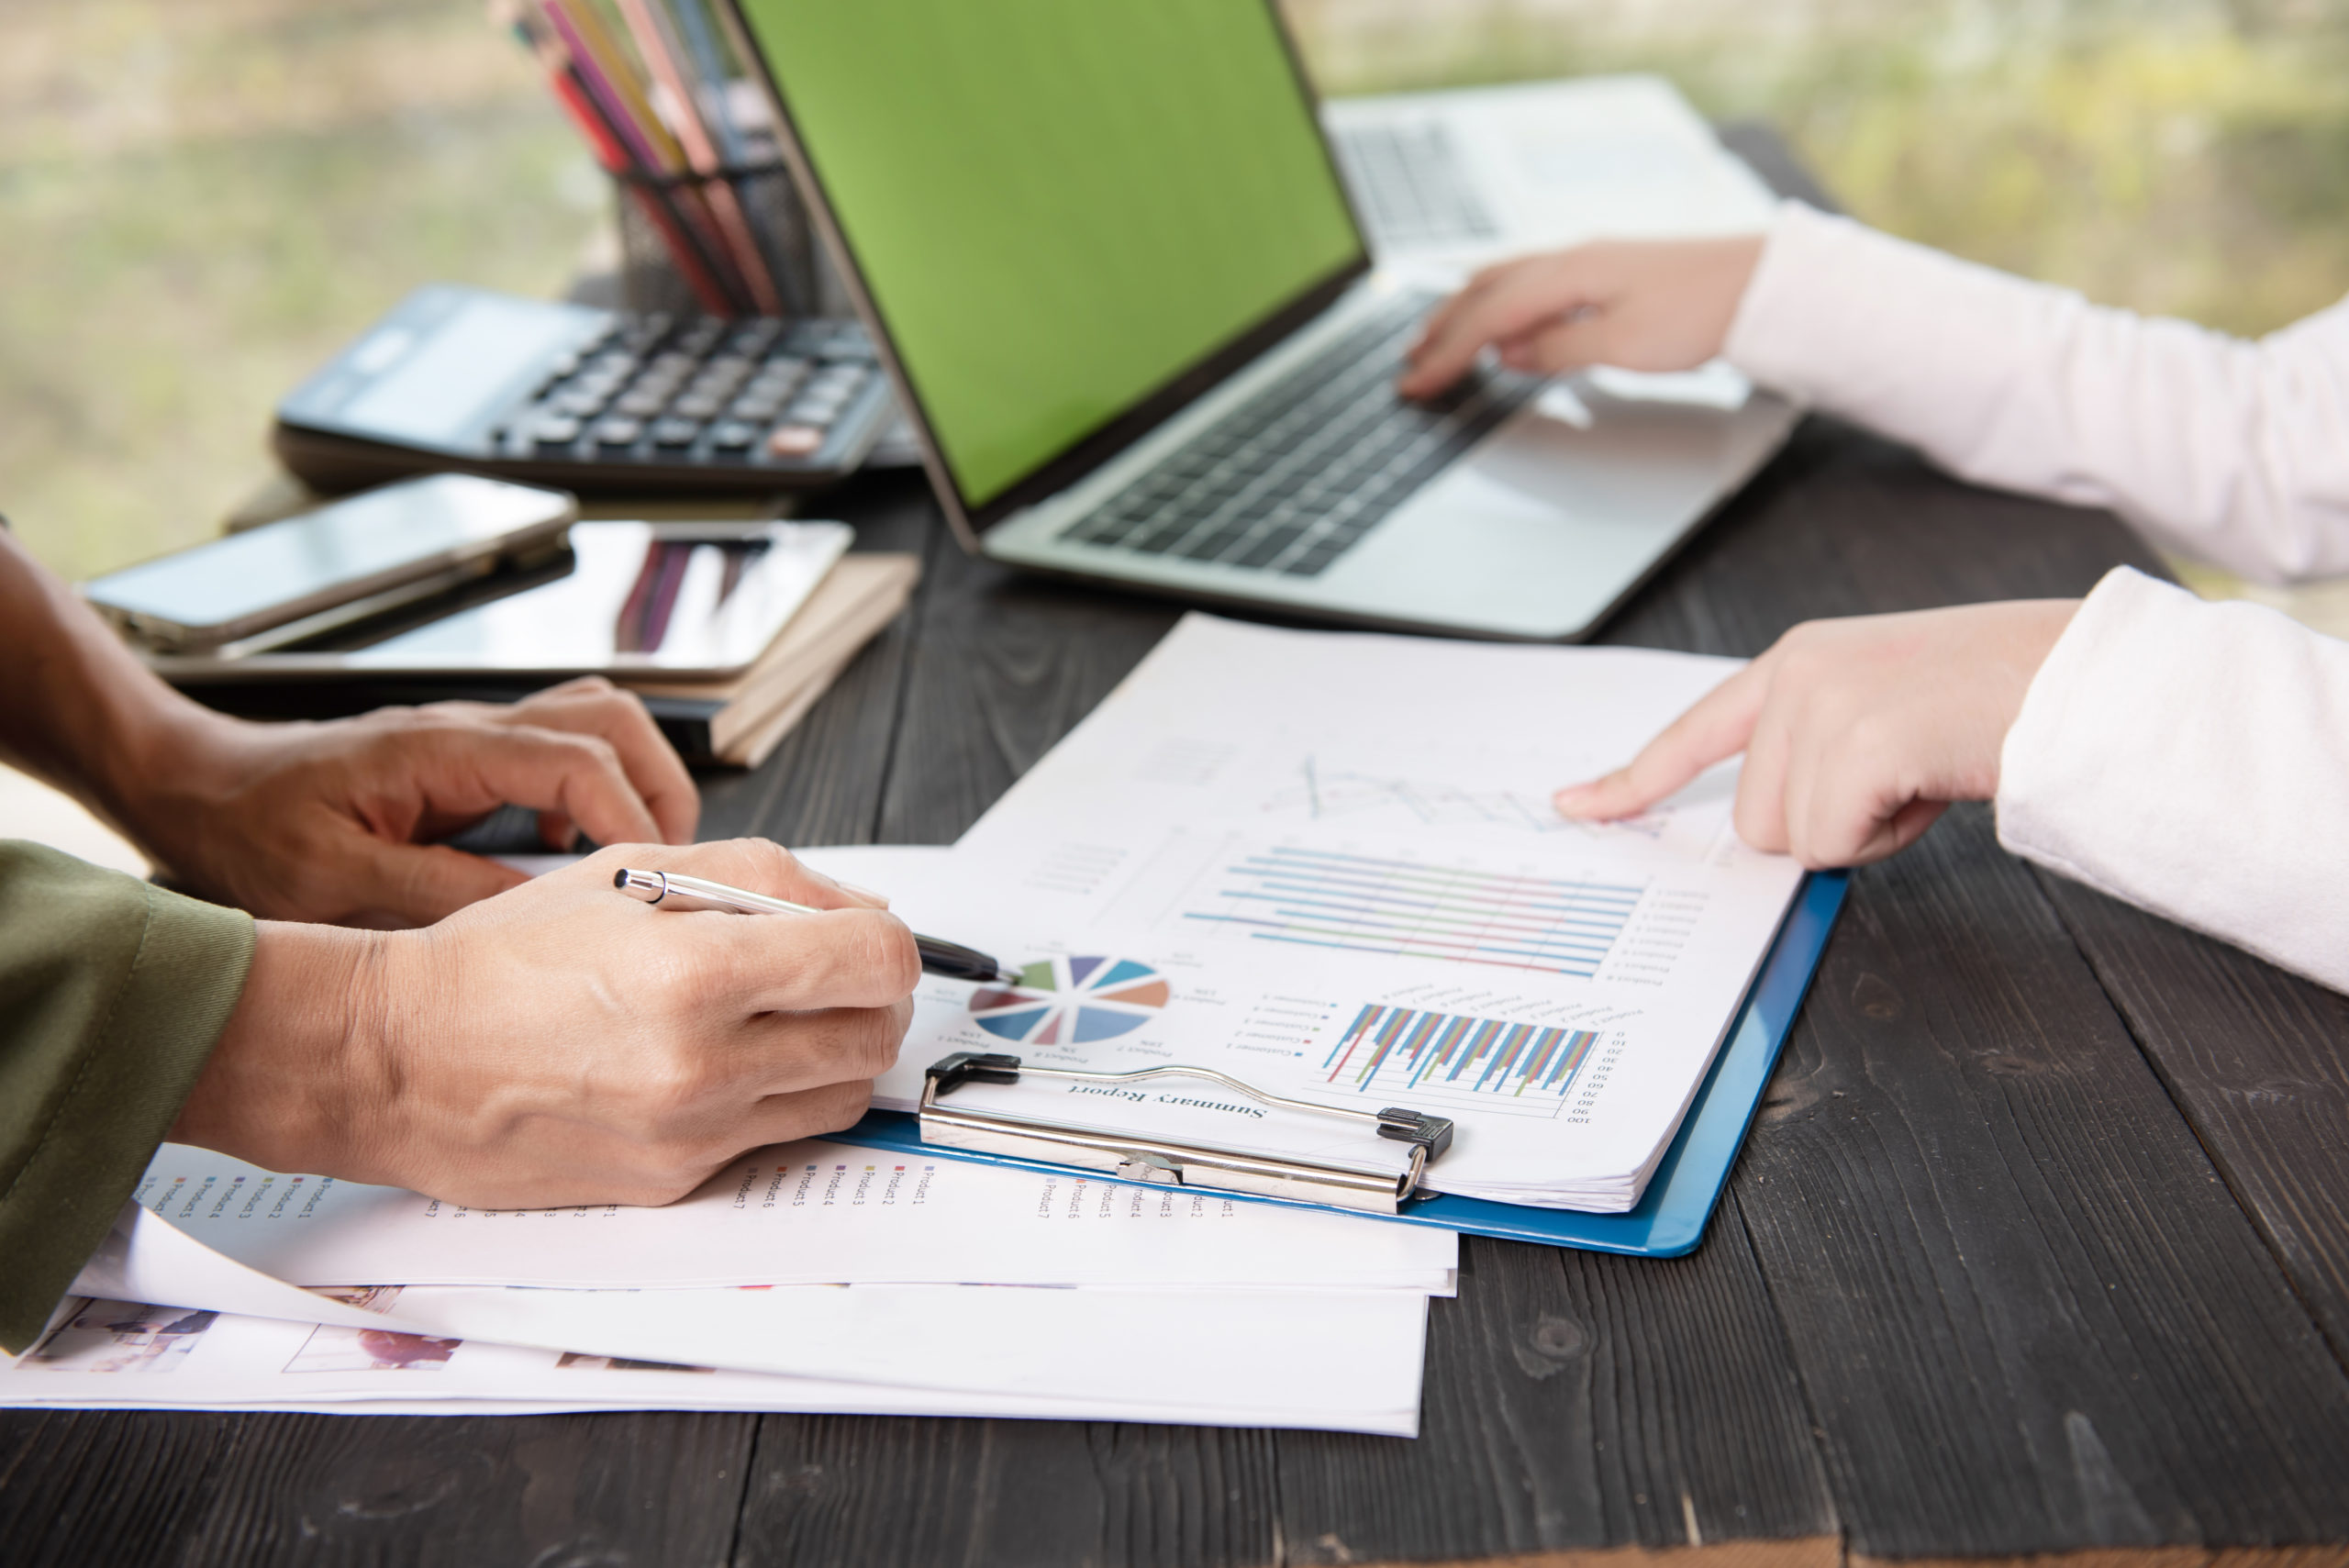 Phân tích tài chính cần đi kèm với chứng từ thực tế